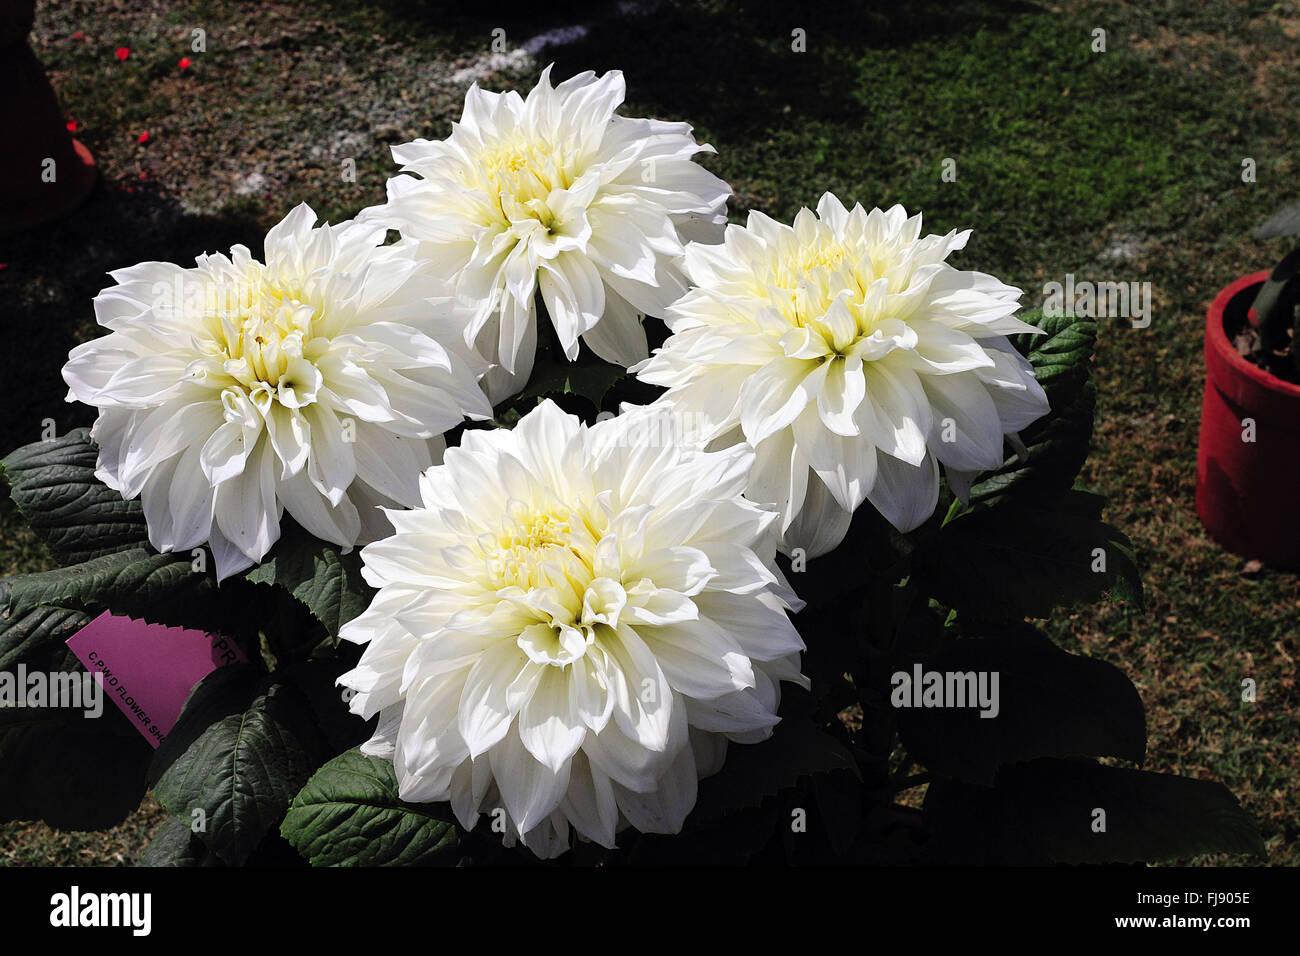 Chrysanthemum flower india stock photos chrysanthemum flower india white chrysanthemum flower india asia stock image mightylinksfo Choice Image